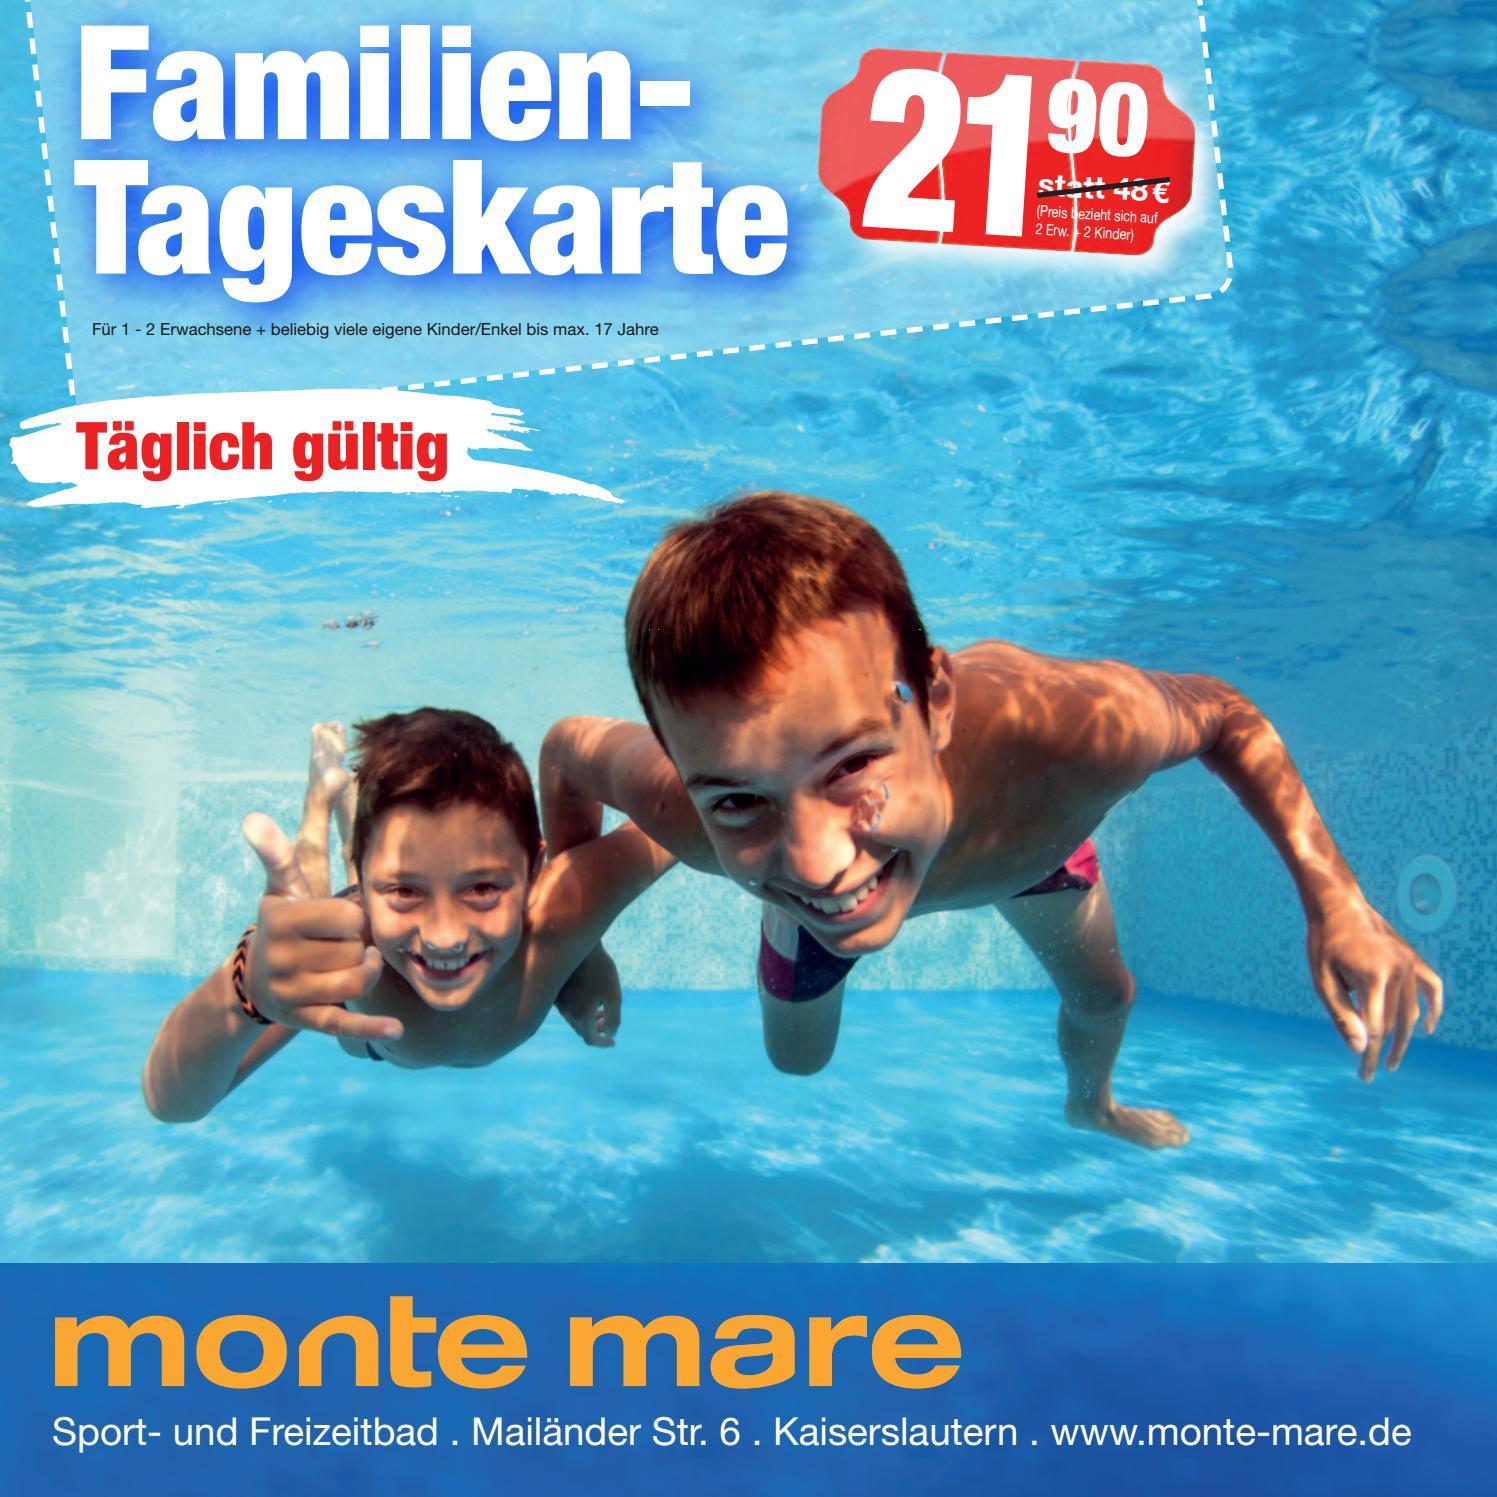 monte mare Kaiserslautern Sport- und Freizeitbad